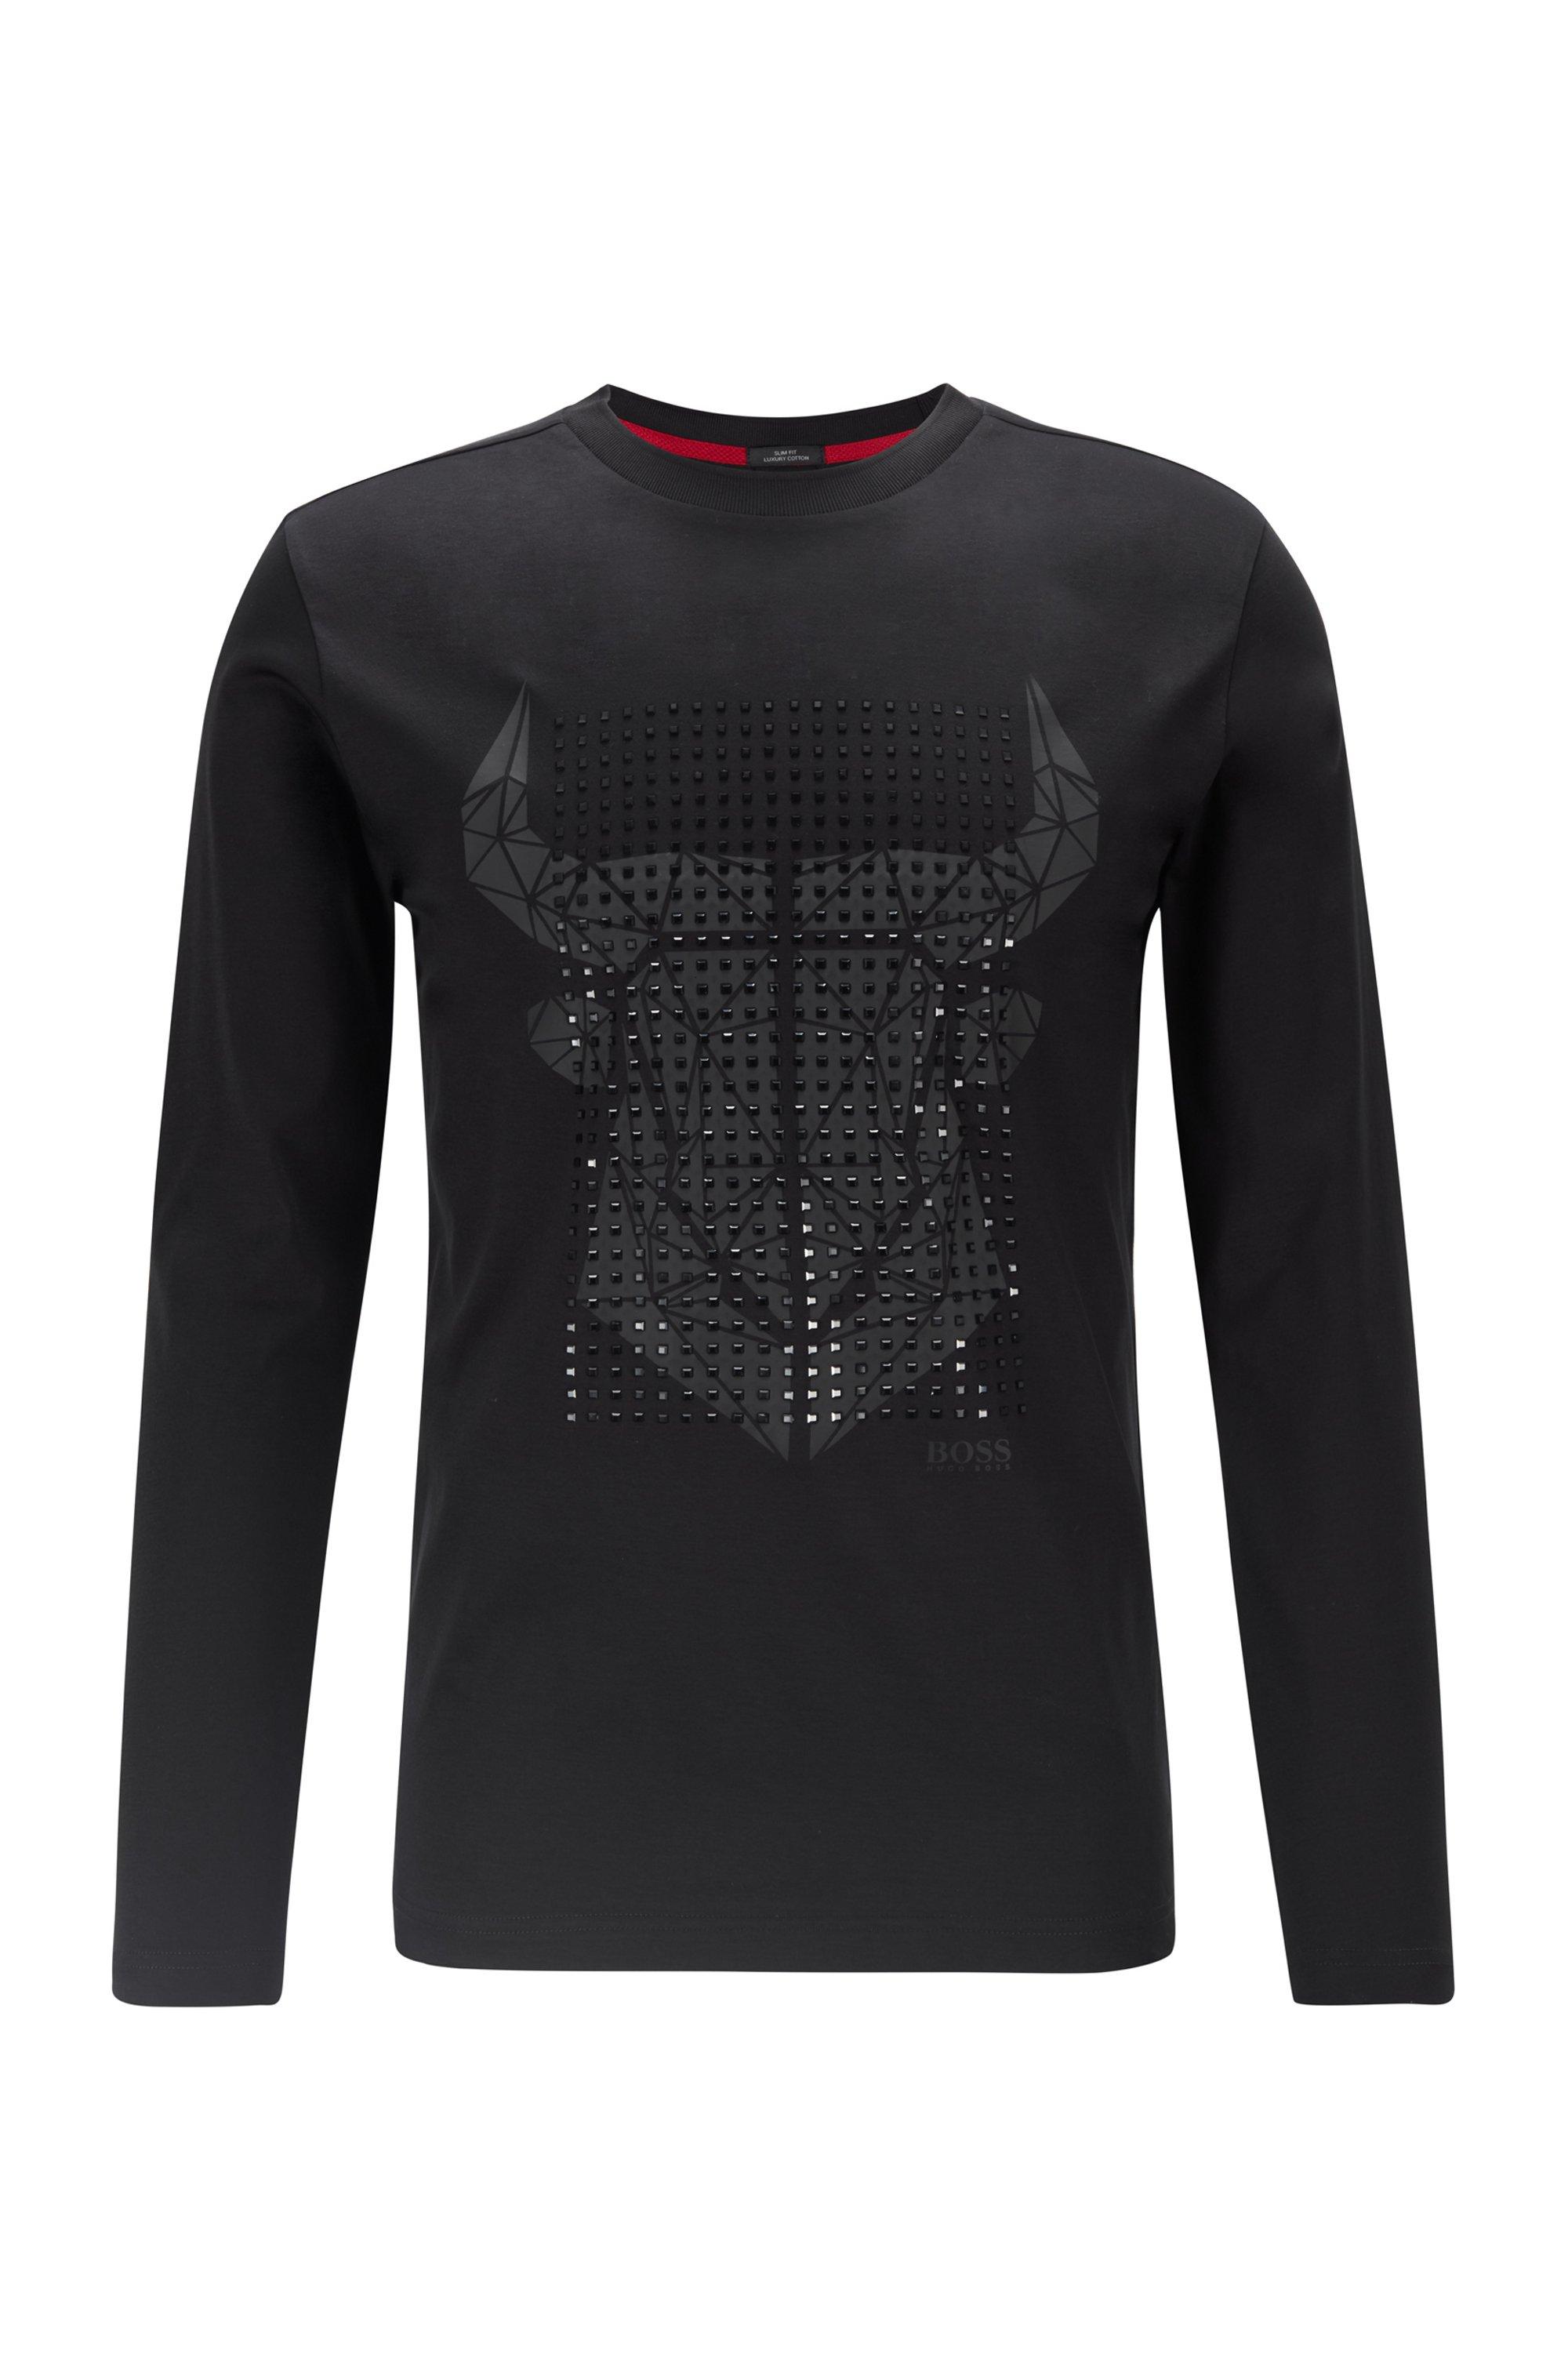 T-shirt Slim Fit en coton mercerisé orné d'un motif tête de buffle artistique, Noir